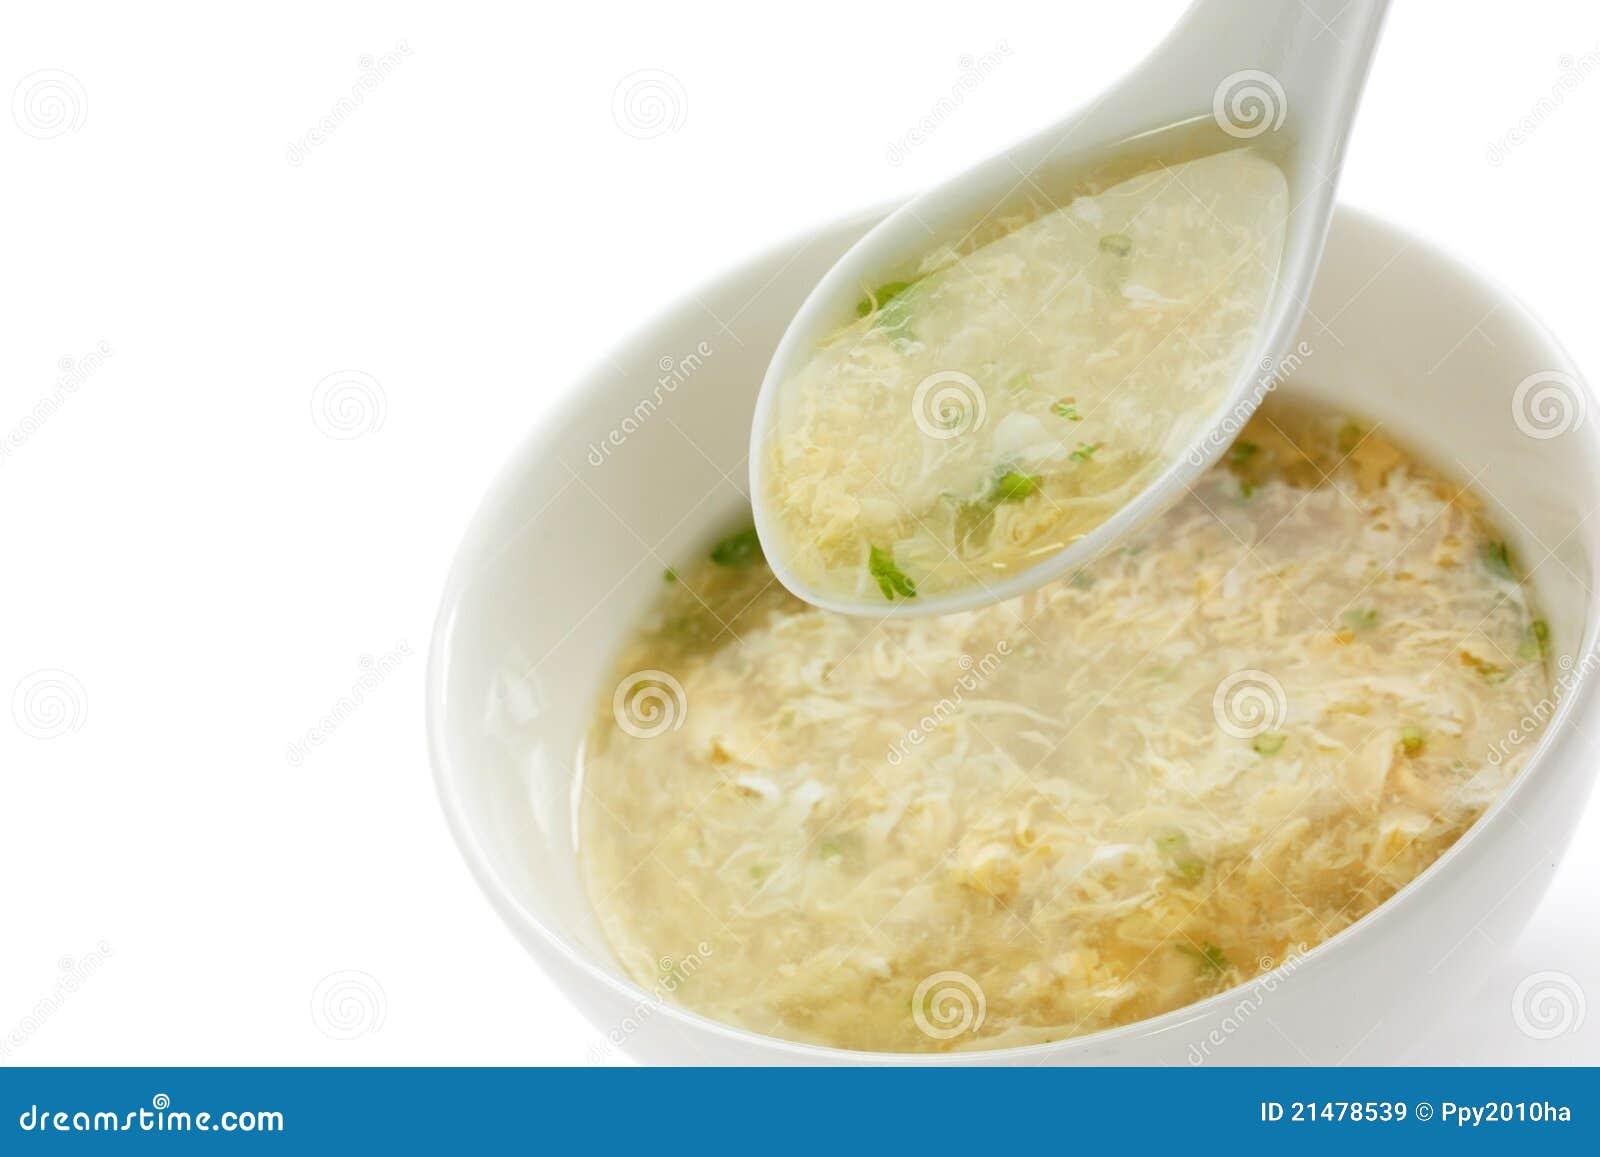 Egg drop soup , egg flower soup